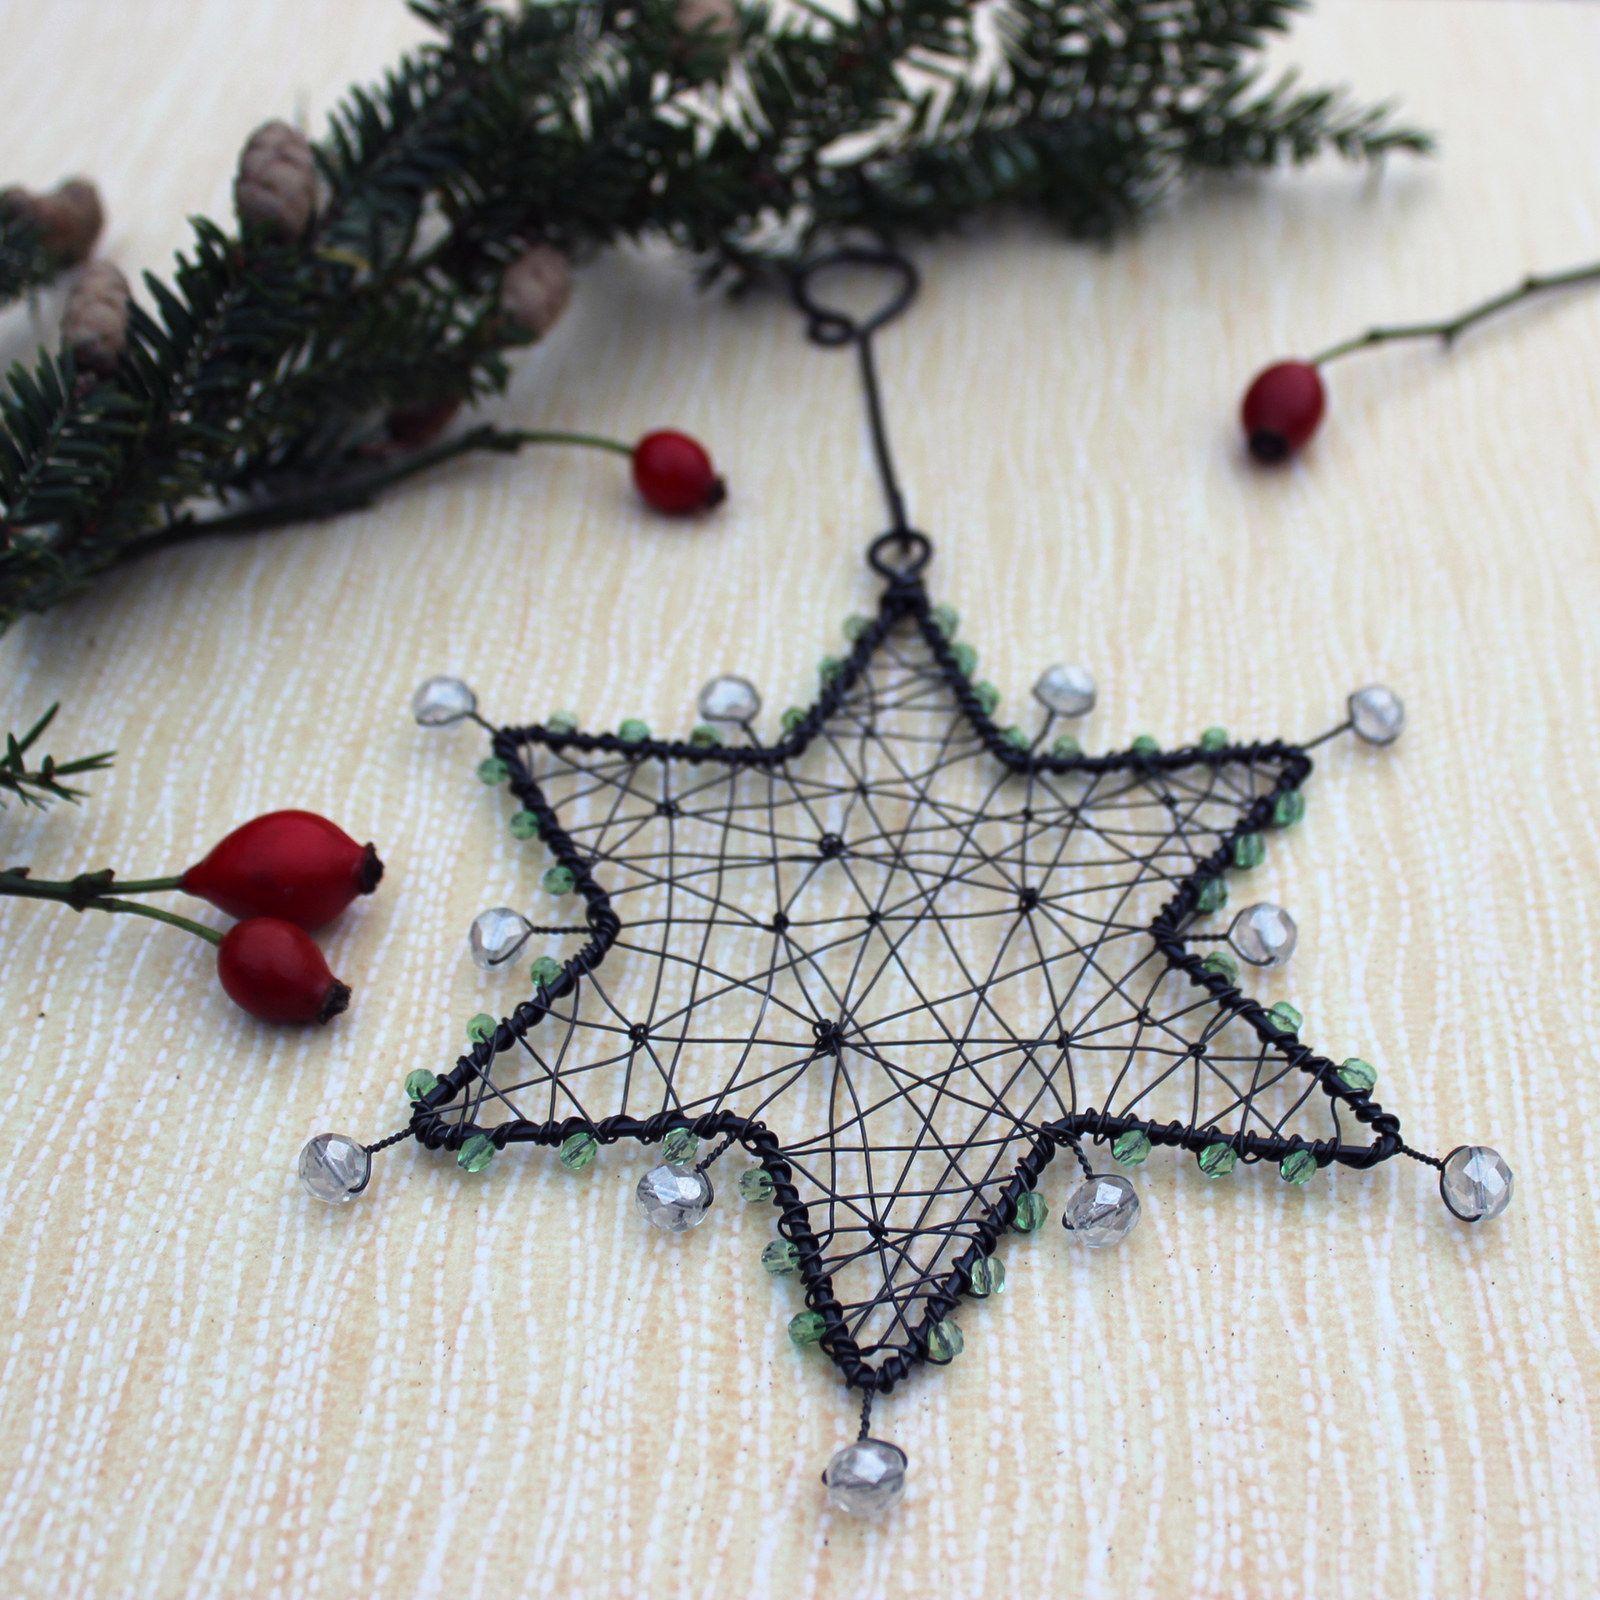 Vánoční hvězda zelená Vánoční hvězda v zelené barvě podle mého vlastního návrhu. Hvězda je vyrobena z černého, železného drátu a dozdobena je zelenými a čirými ohňovkami. Vánoční hvězda se dá pověsit do okna, na zeď, na skříň, na stromek nebo všude tam kde Vám bude dělat radost. Hvězda je velká 16 cm. A celková délka je závěsu je 24 cm. Železný drát je ...